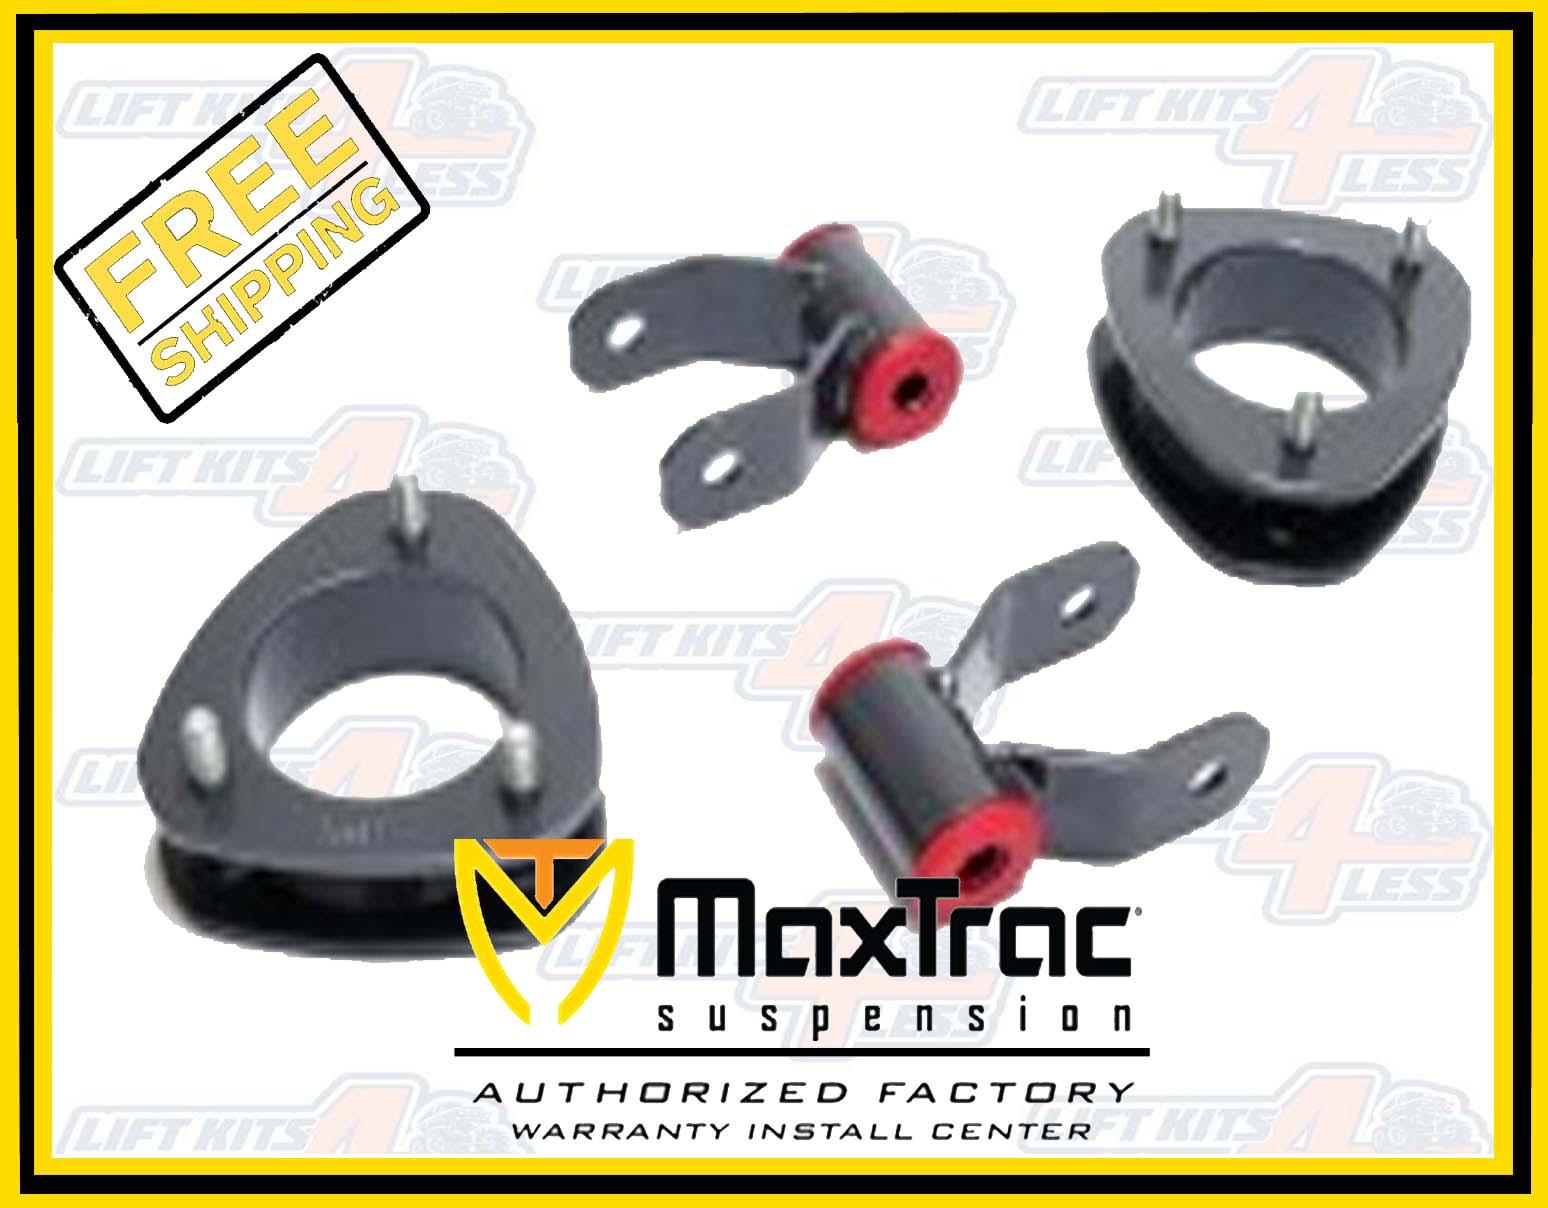 Maxtrac Suspension Mp  Maxpro Lift Kit   Ford F Wd